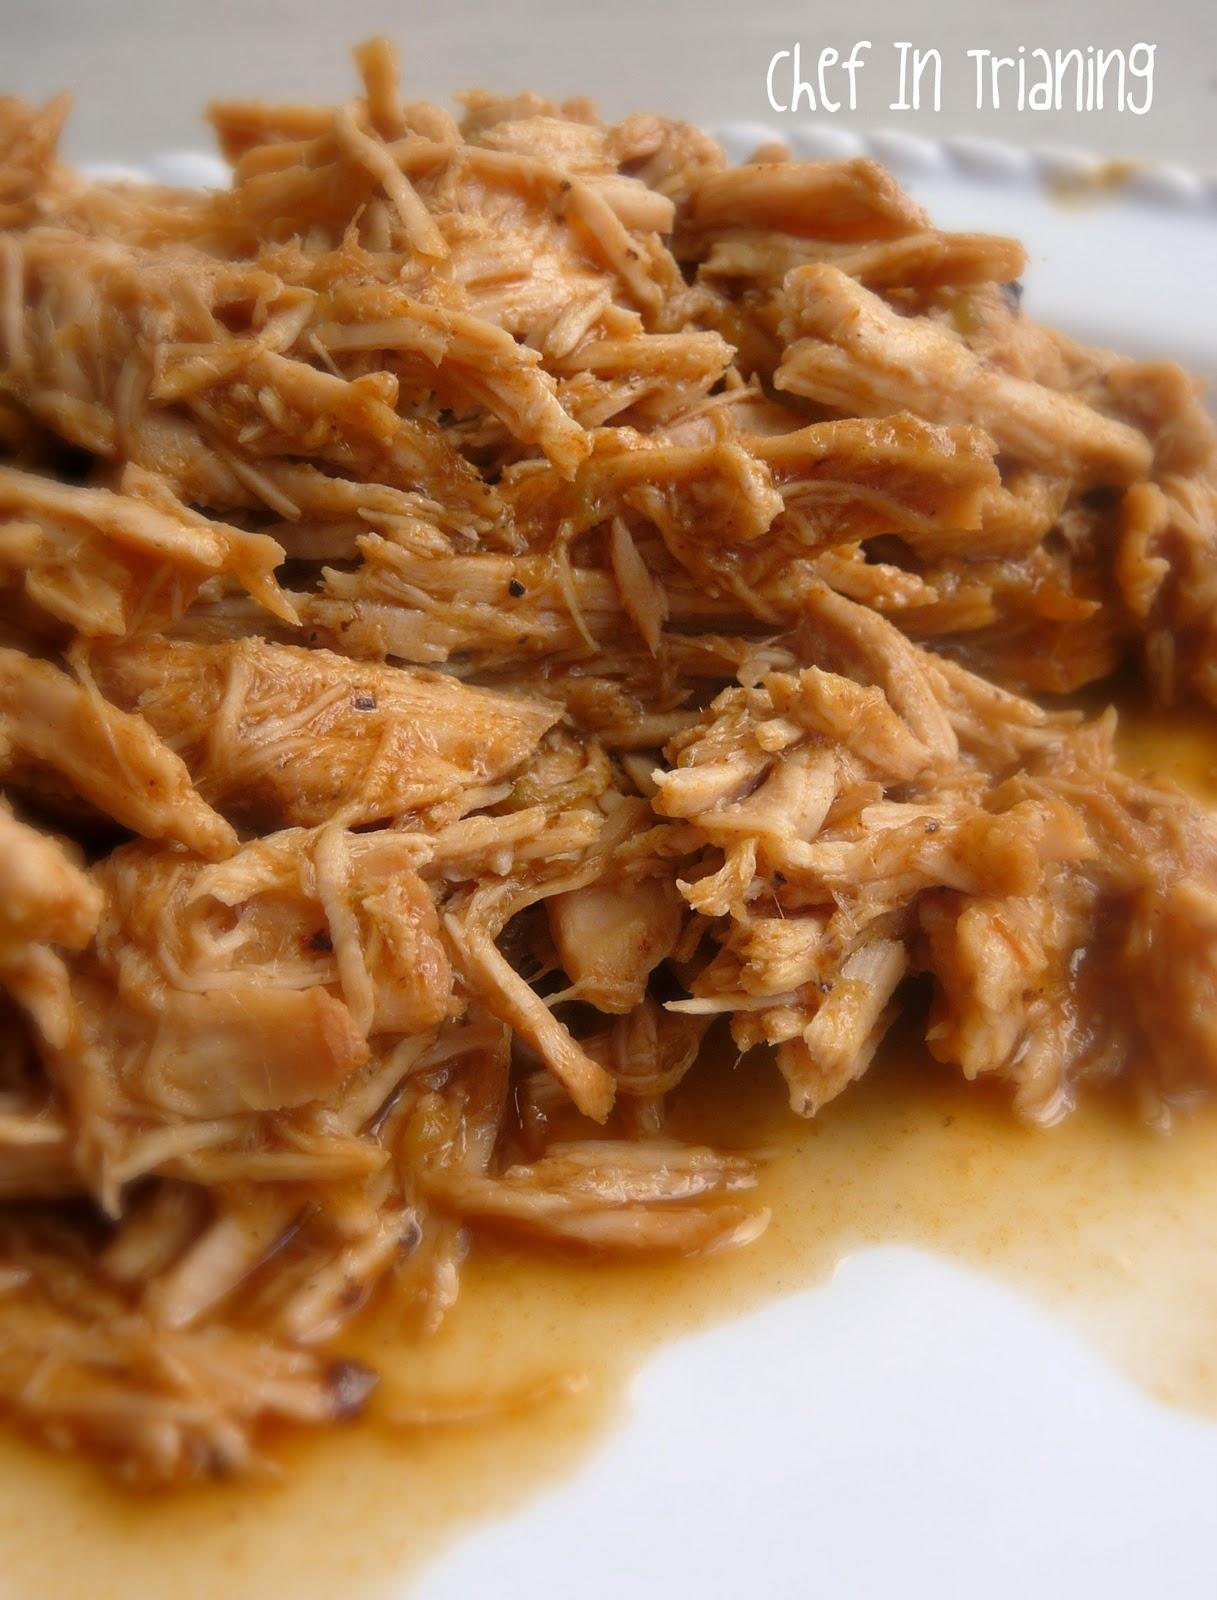 Cafe Rio Medium Sauce Recipe